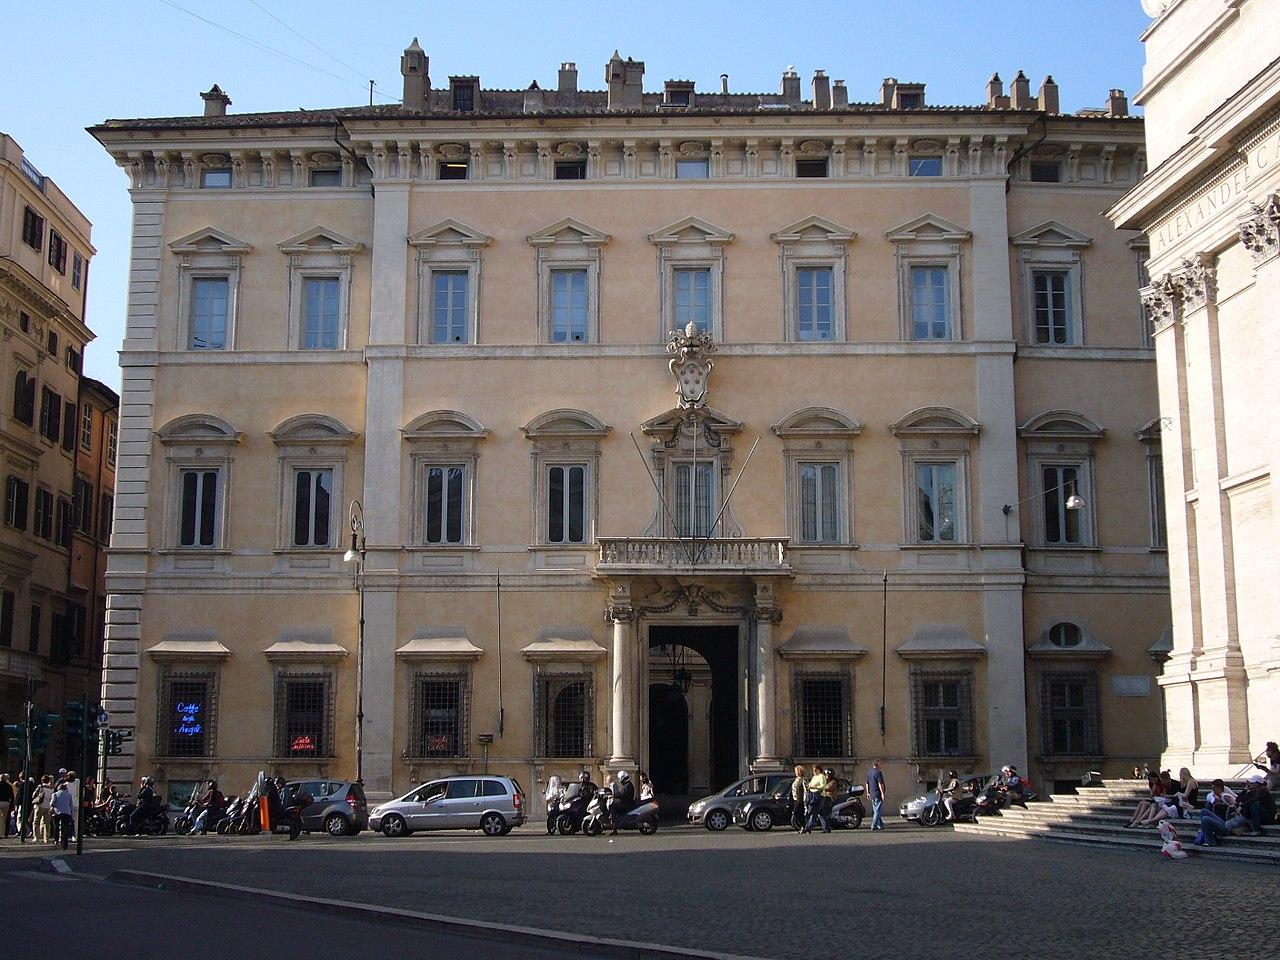 1280px-Pigna_-_Palazzo_Altieri_1020544.JPG?uselang=de